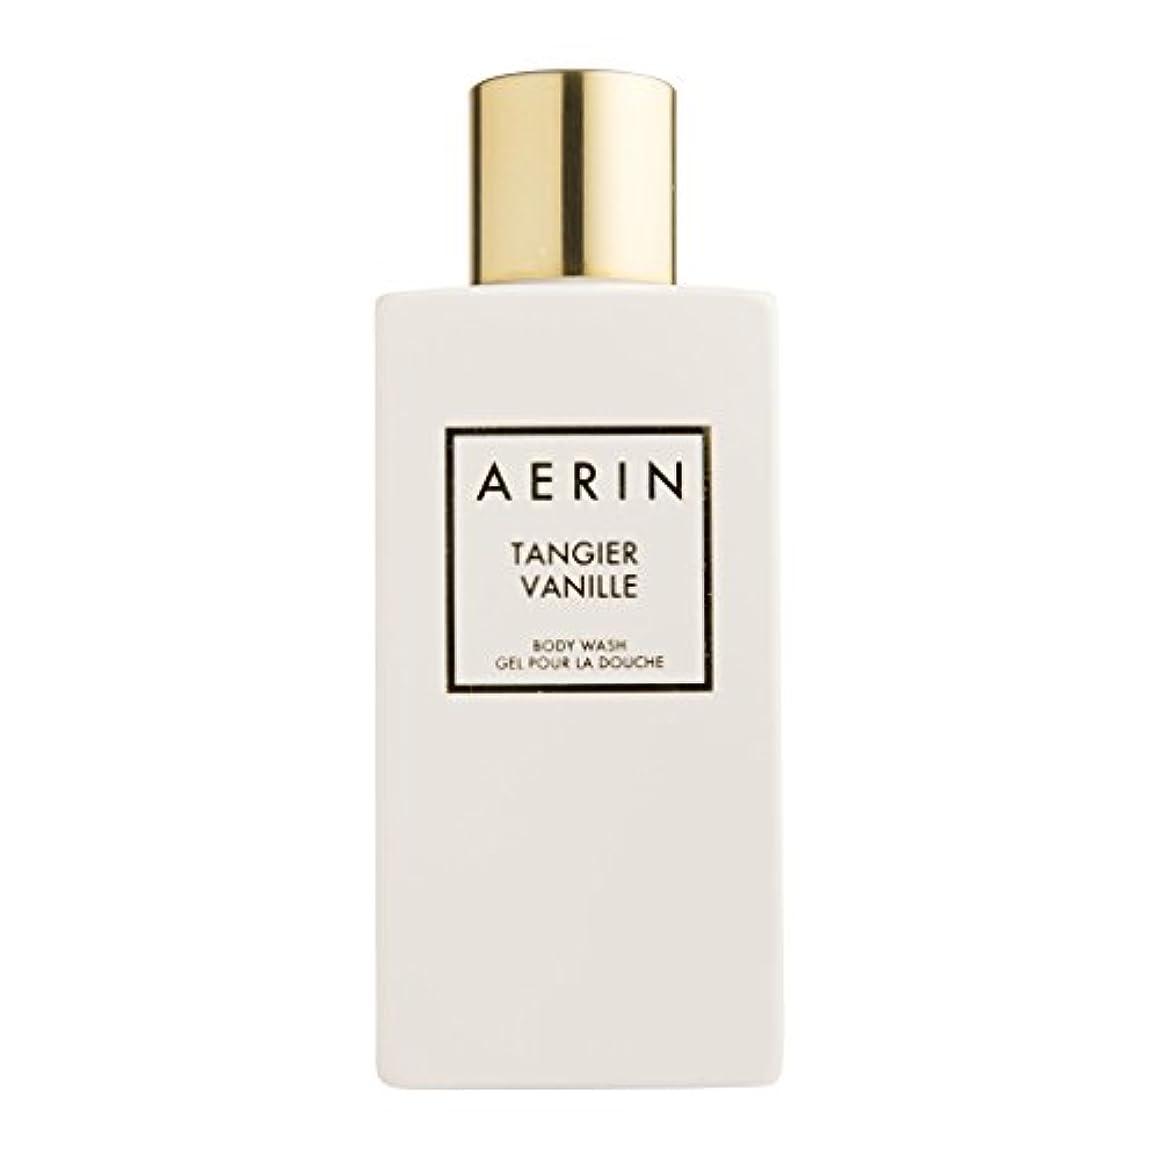 スコットランド人ハンドブック誰でもAERIN Tangier Vanille (アエリン タンジヤー バニール) 7.6 oz (228ml) Body Wash ボディーウオッシュ by Estee Lauder for Women